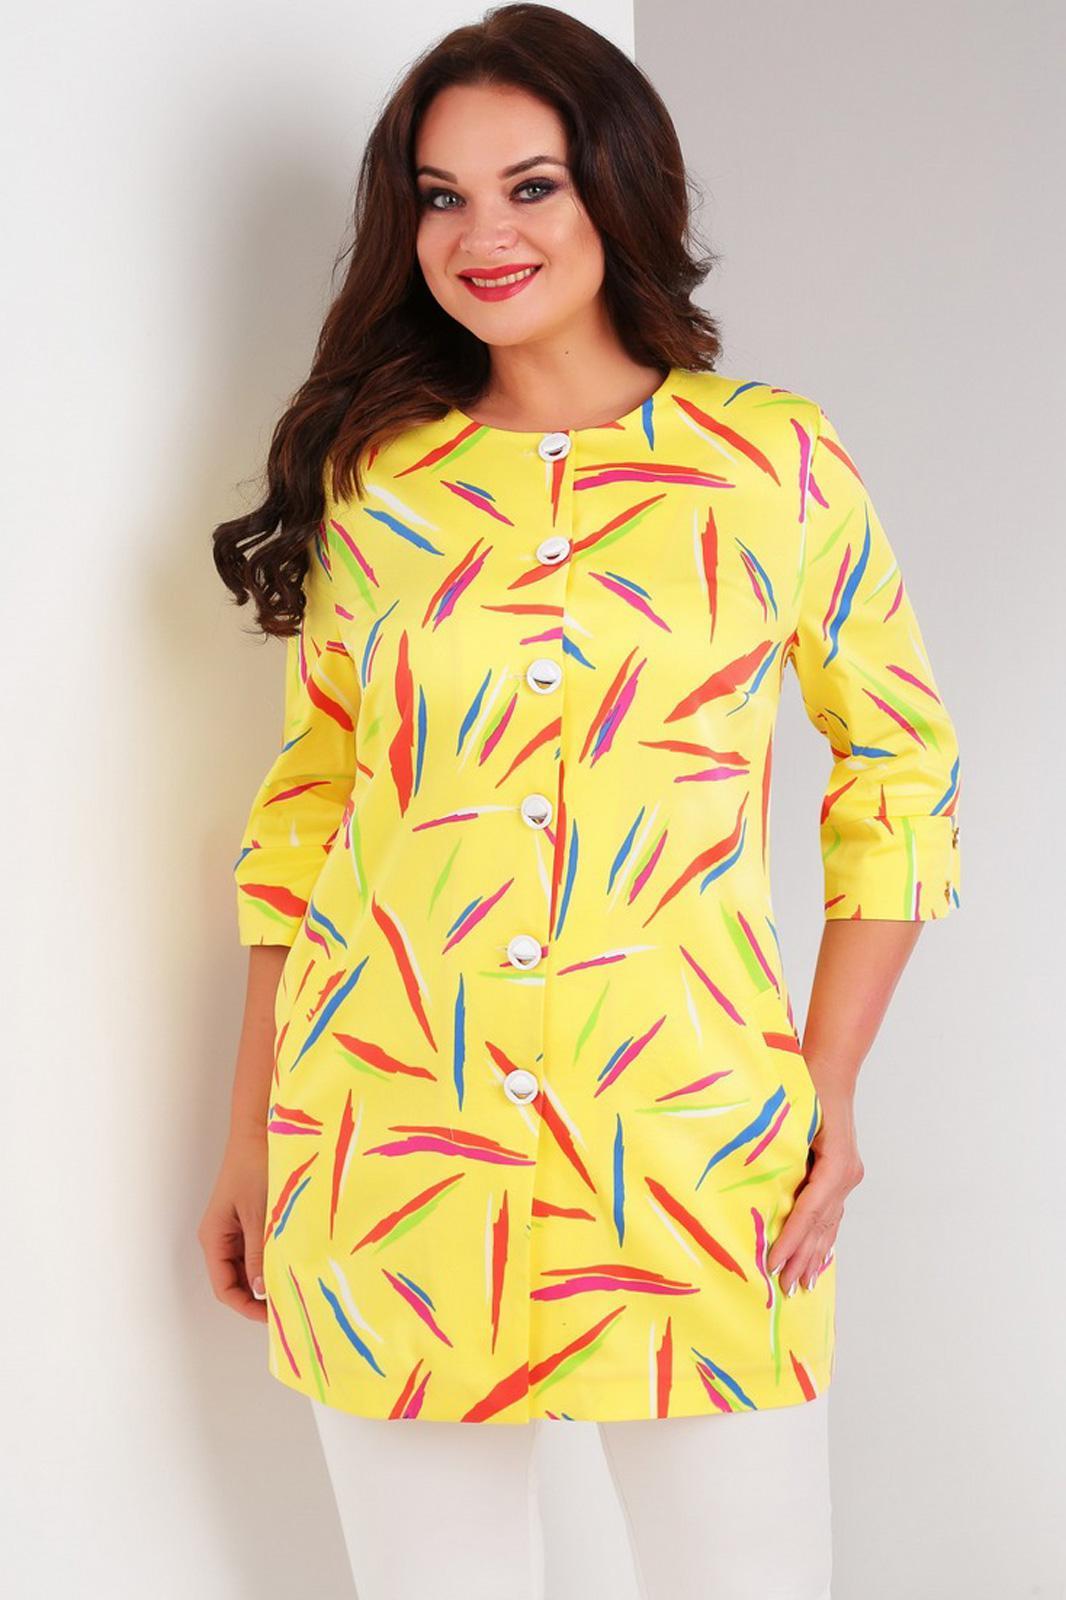 729a02a1313 Купить женский пиджак. Женские пиджаки в интернет-магазине в Минске